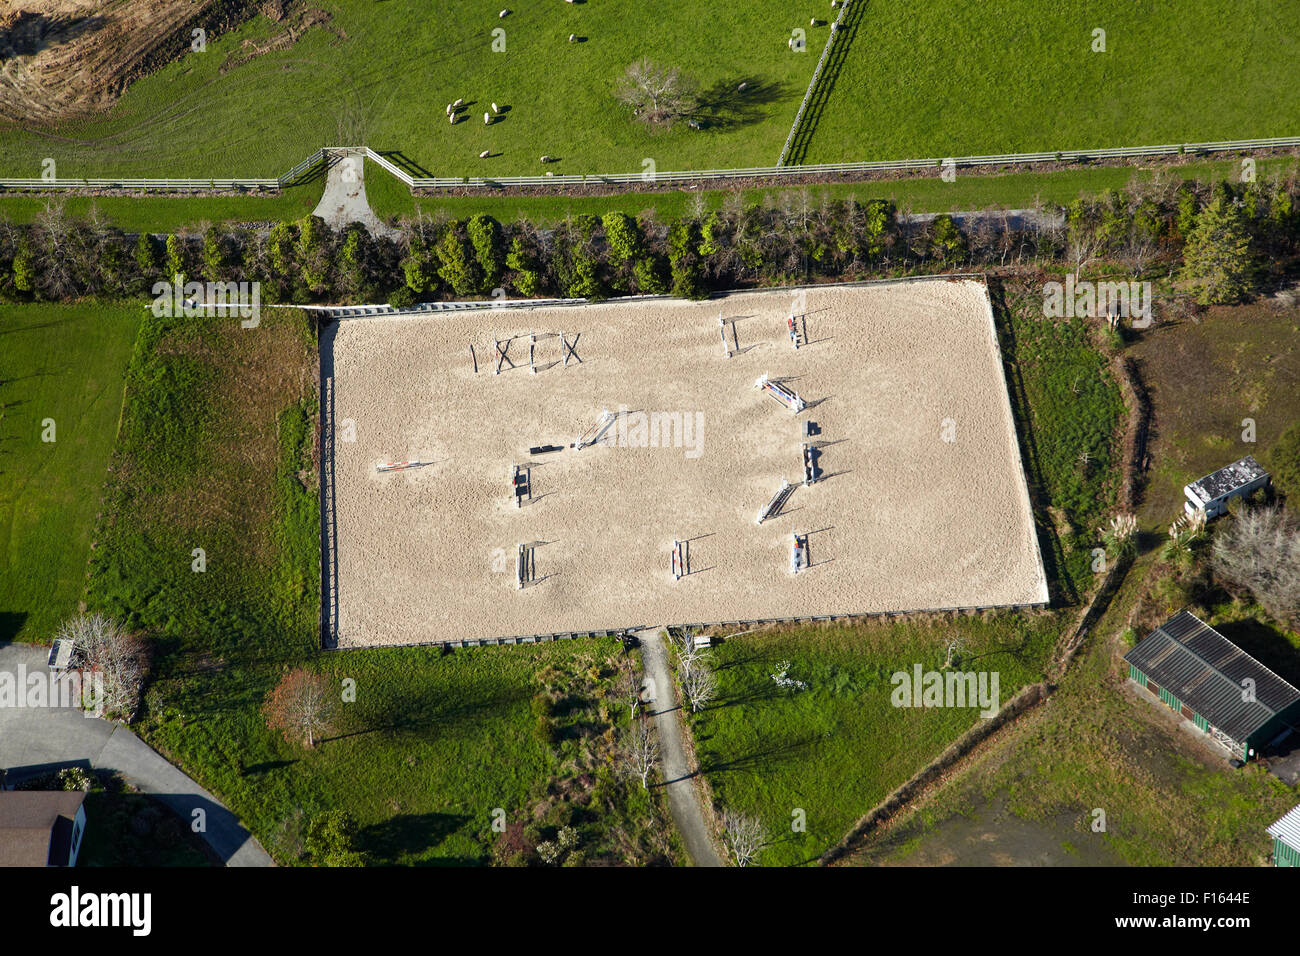 Arène de saut près de Coatesville, North Auckland, île du Nord, Nouvelle-Zélande aerial Photo Stock